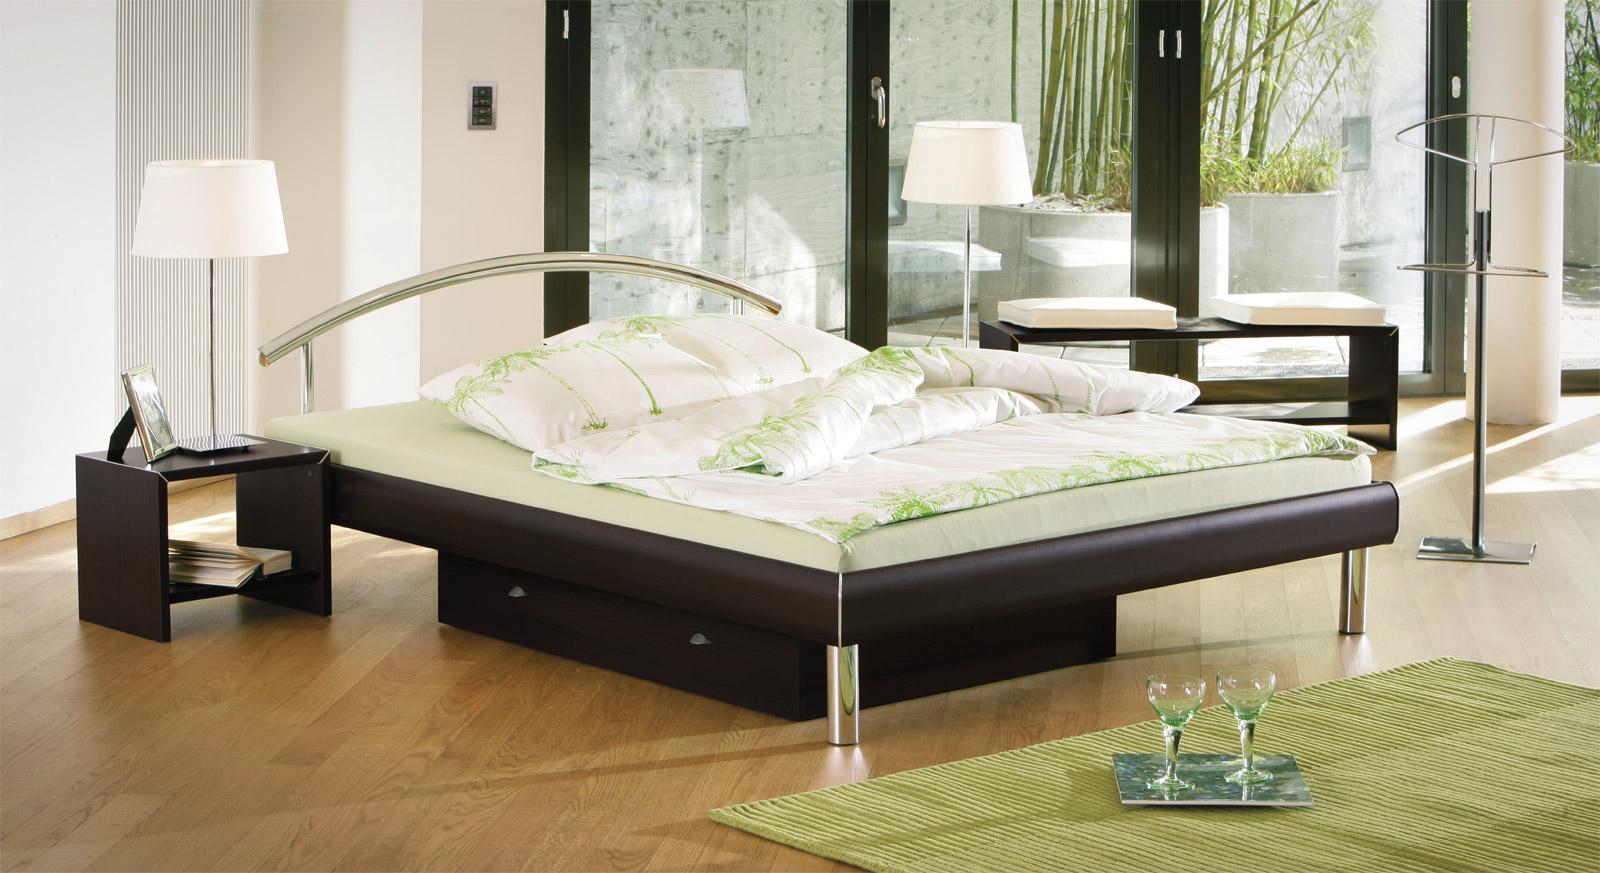 Bett Parla - Farbe Ferrara in außergewöhnlichem Design